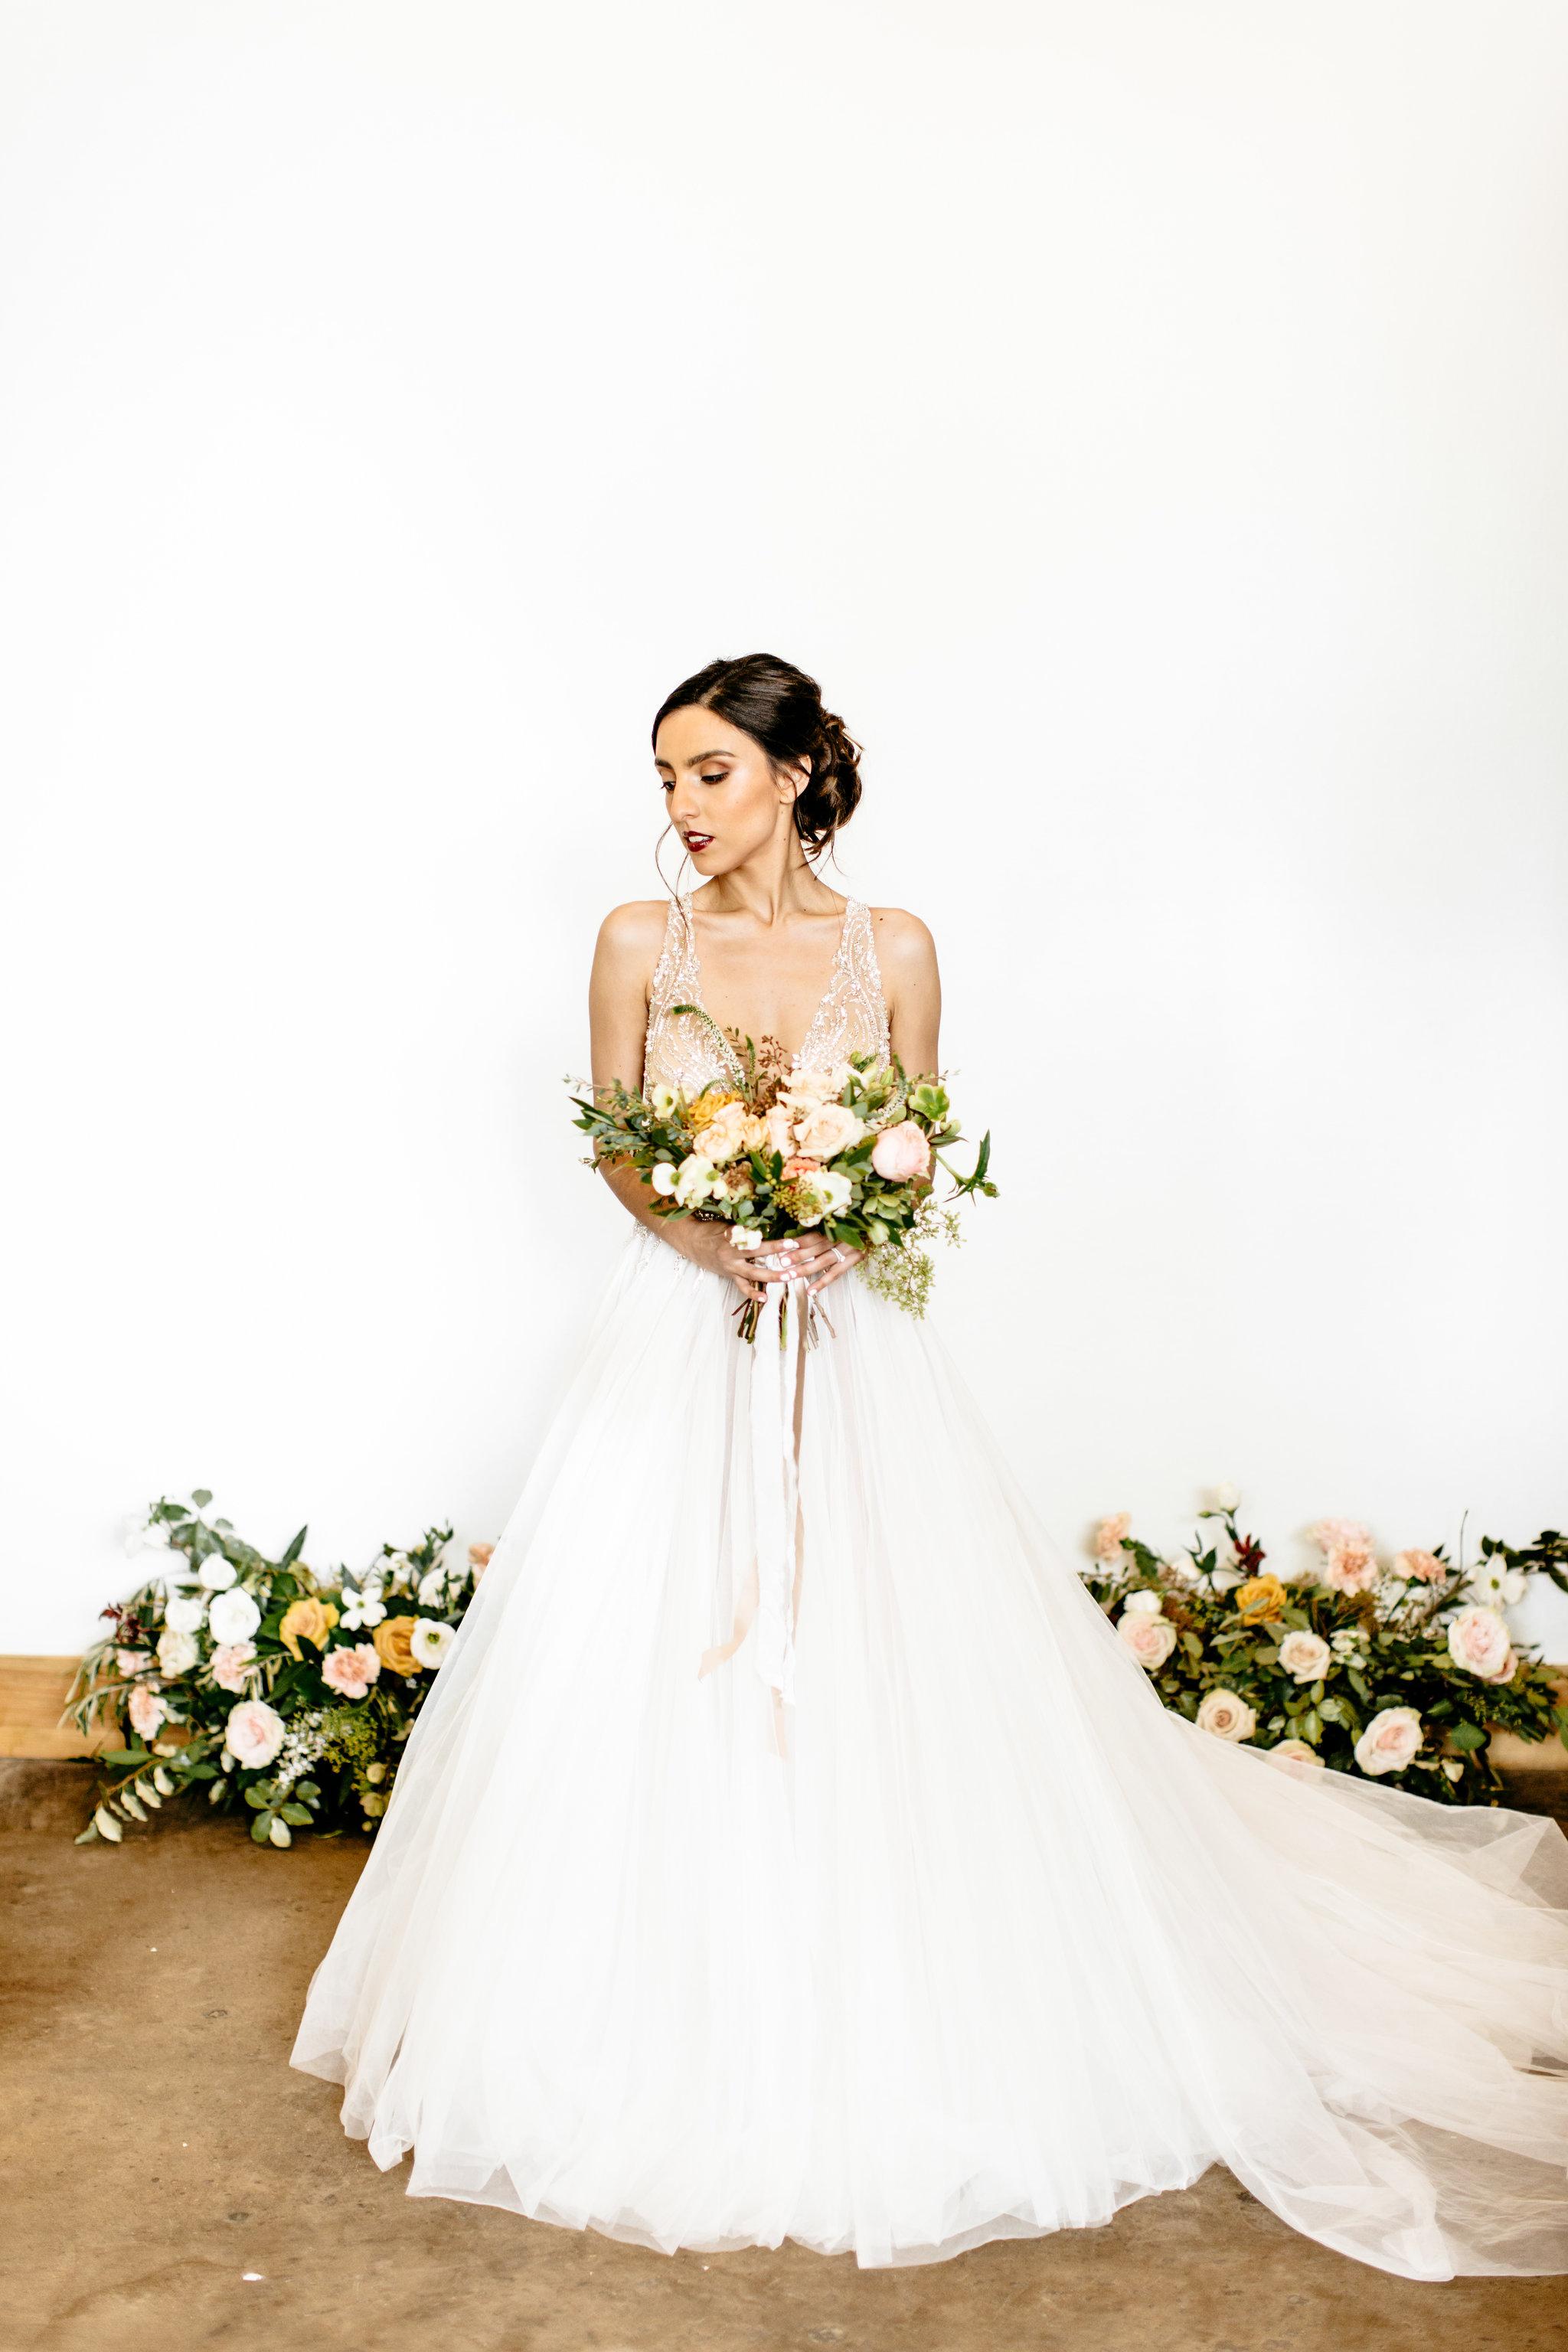 Alexa-Vossler-Photo_Dallas-Wedding-Photographer_Photoshoot-at-the-Station-McKinney_Empower-Event-41.jpg